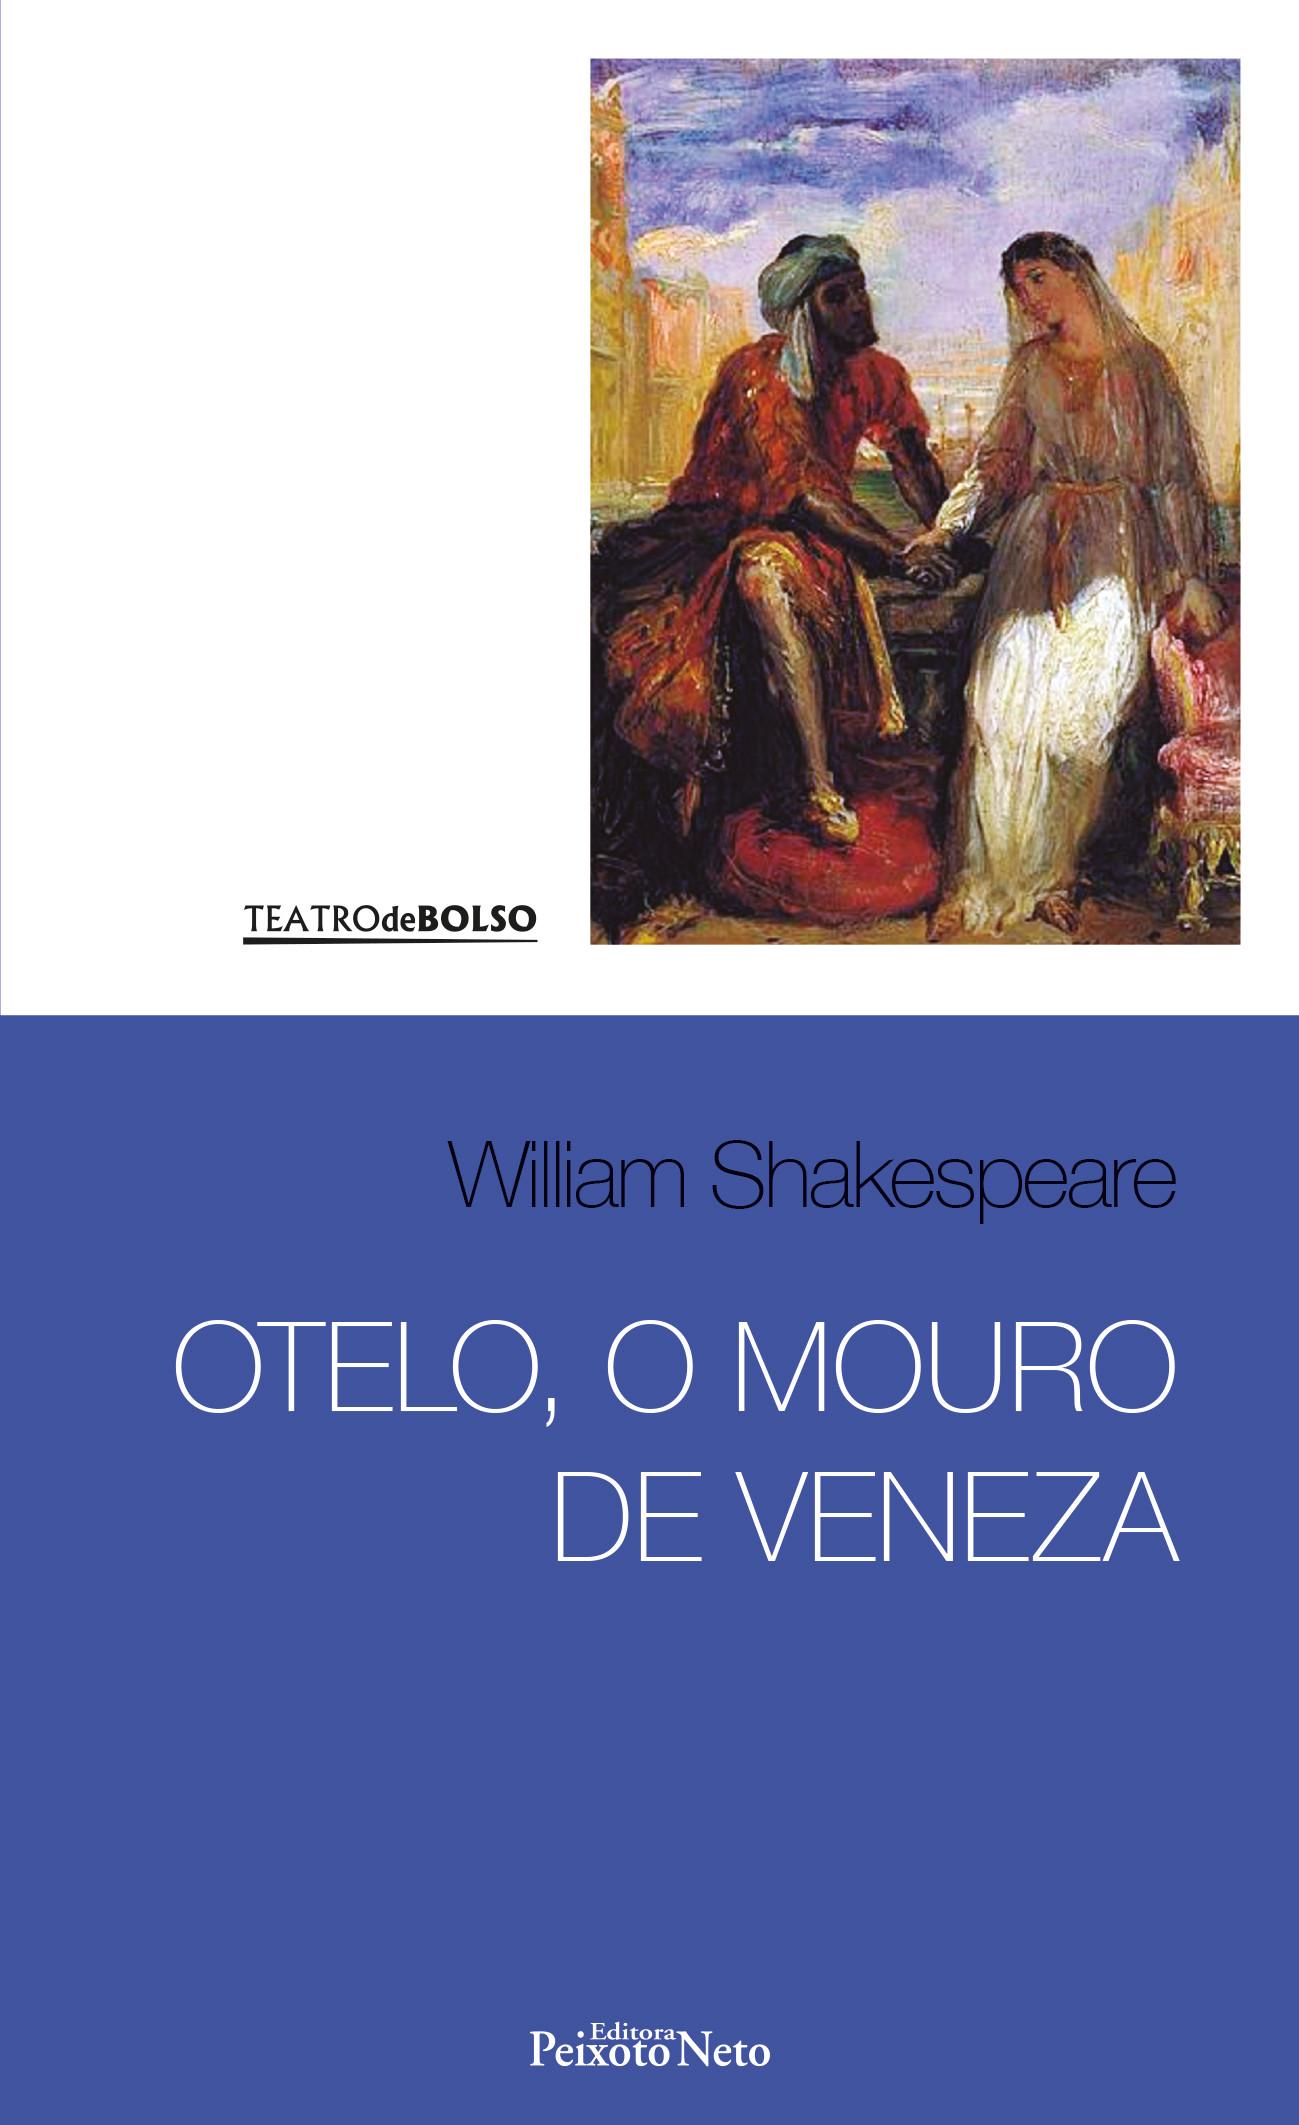 Otelo, o mouro de Veneza